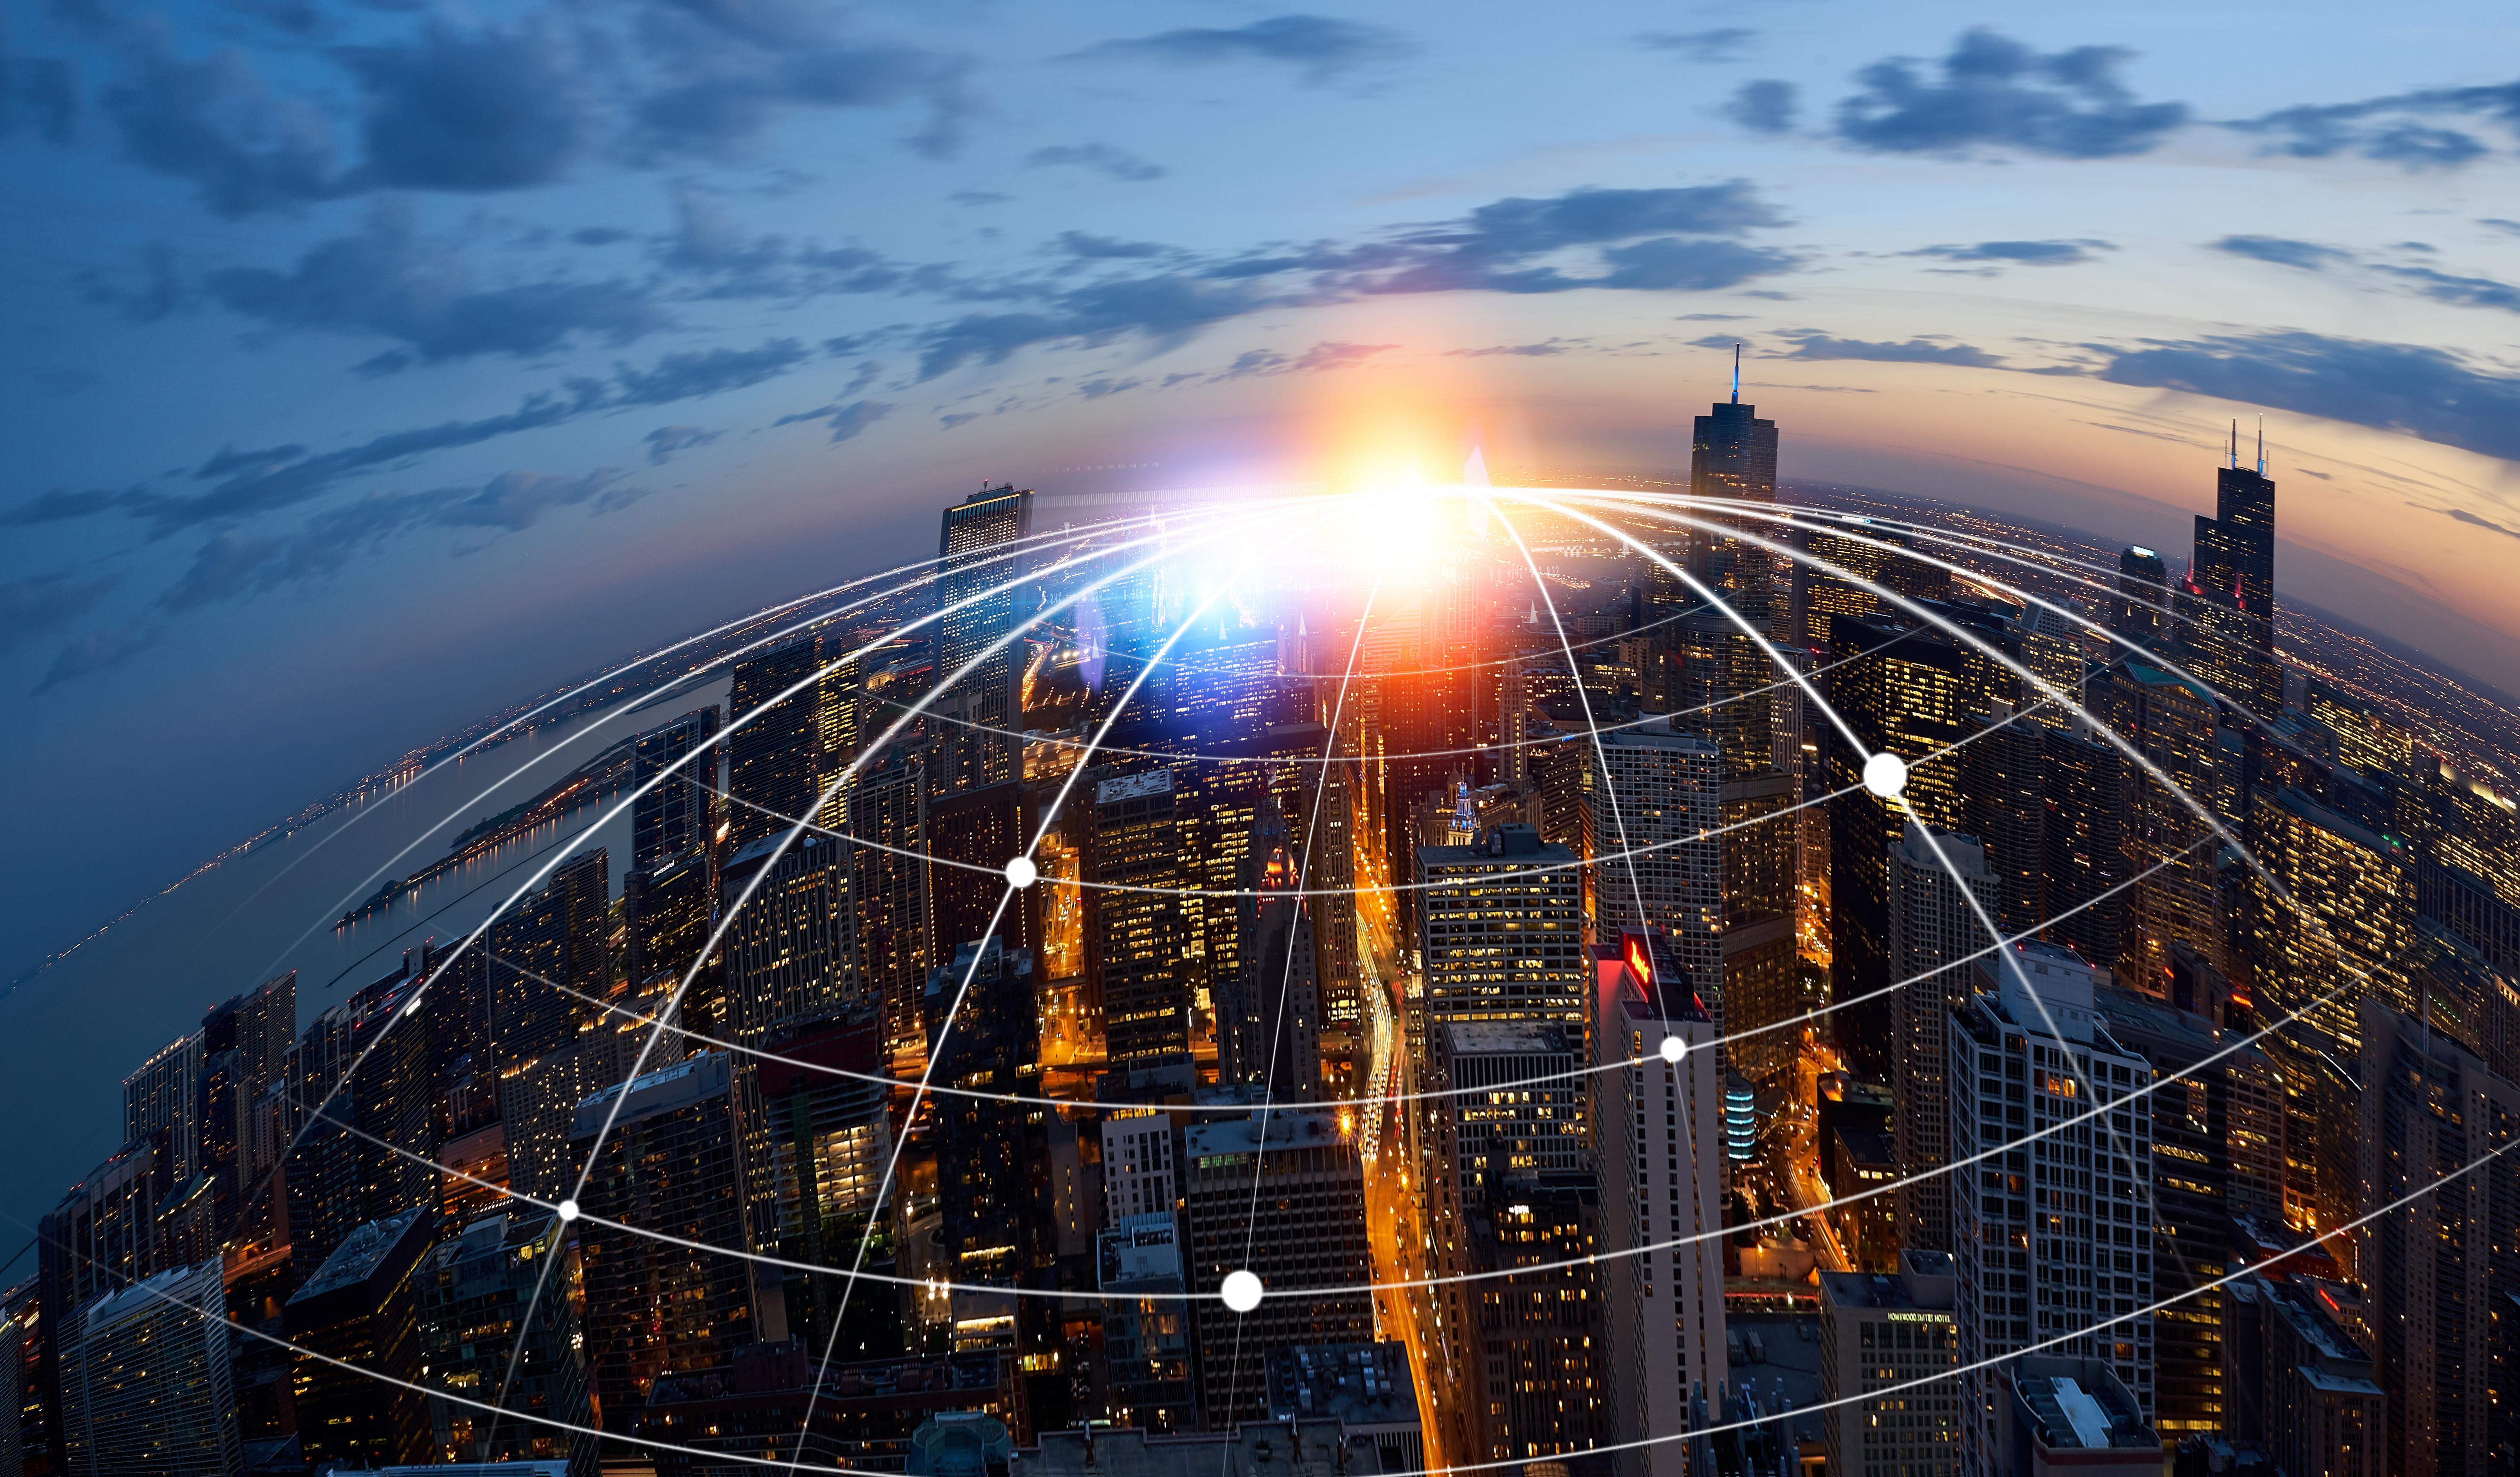 《财富》世界500强发布:中国公司数量坐二望一 霸榜跃升榜单势头迅猛